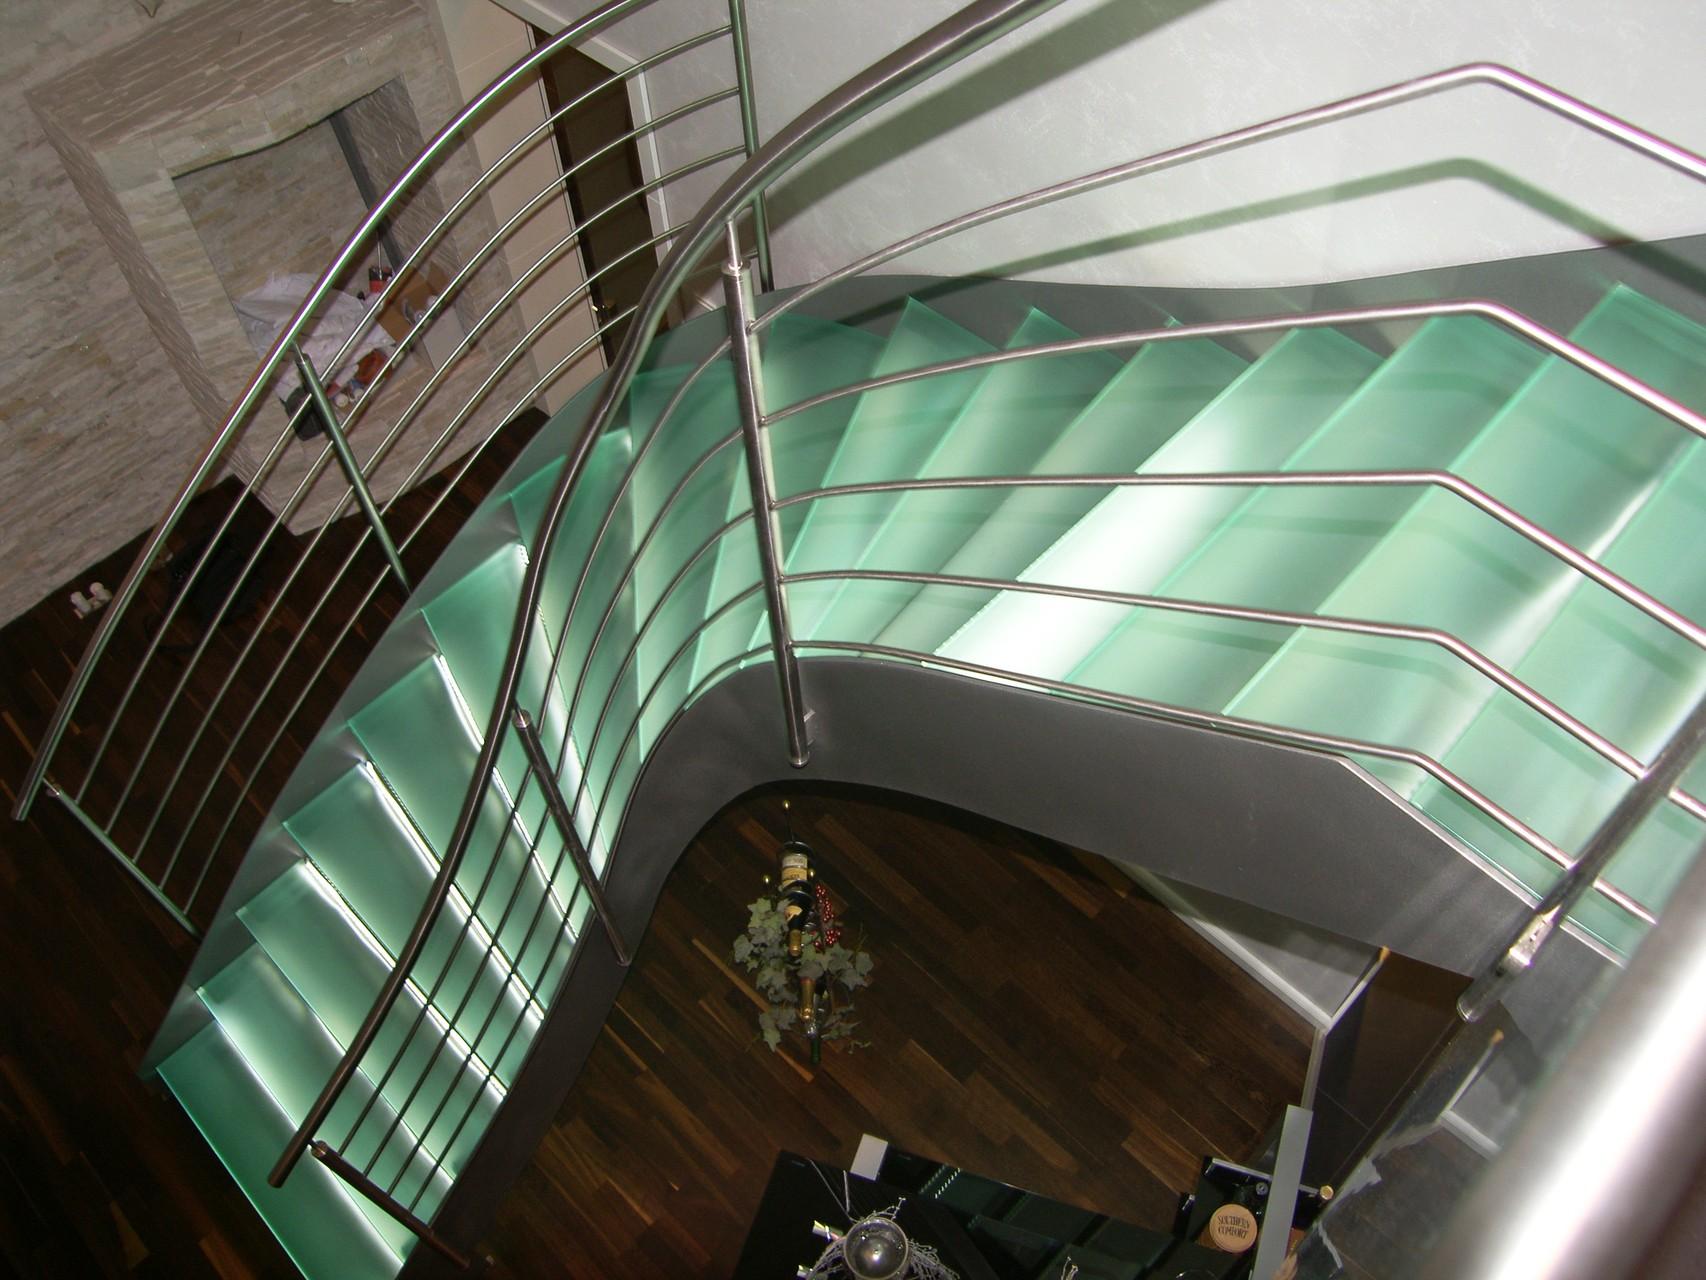 Glastreppe München G100 - Treppe des Jahres 2010